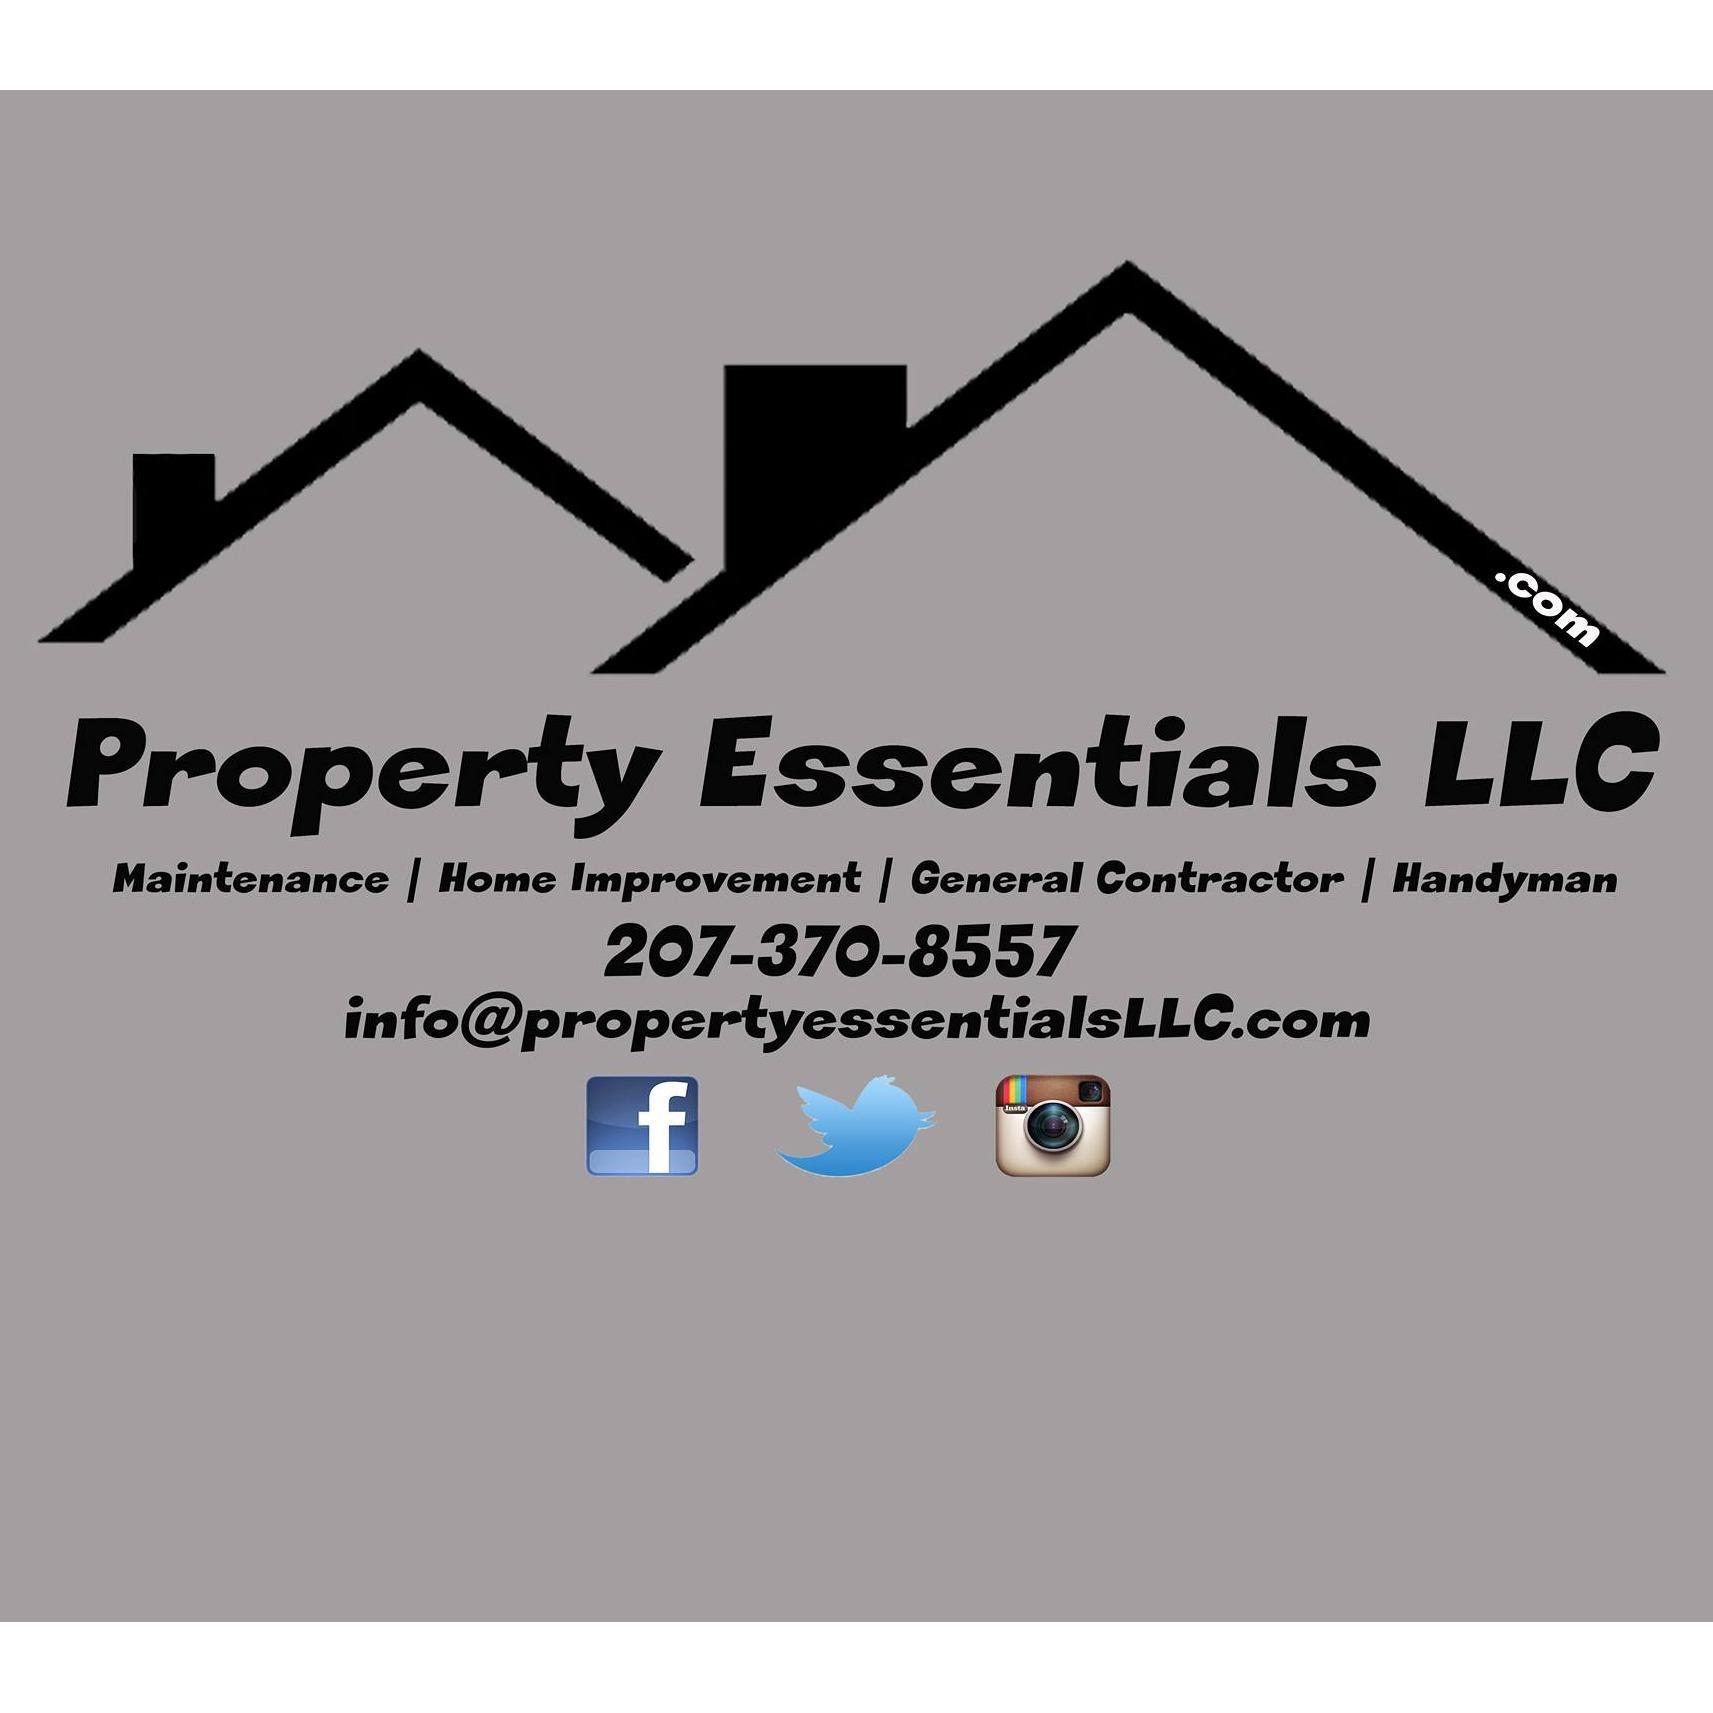 Property Essentials LLC